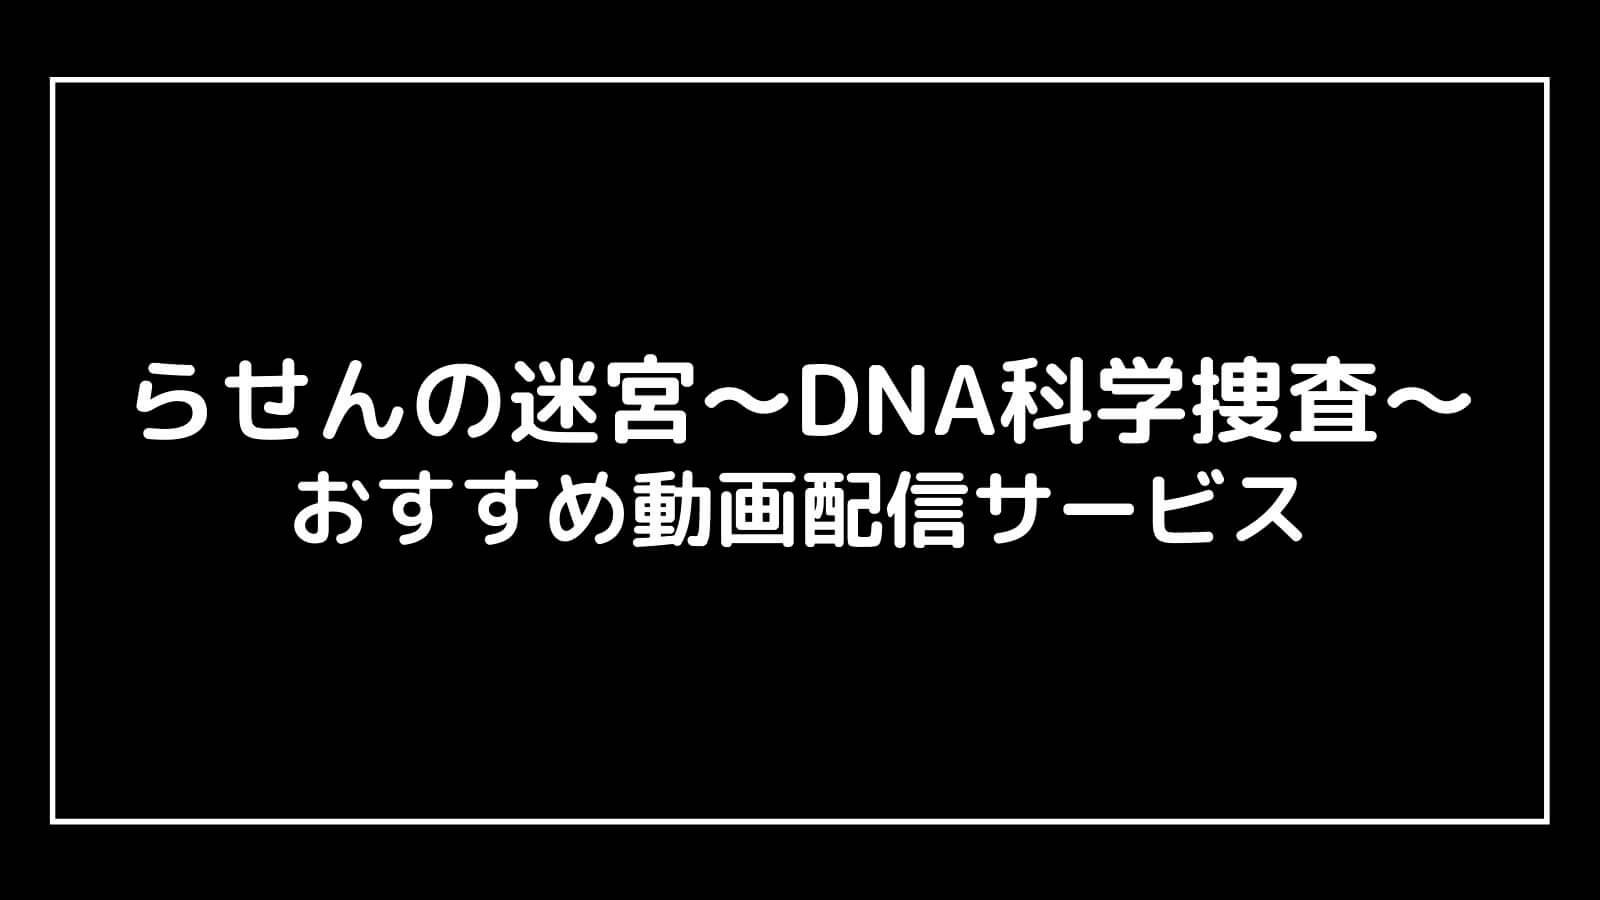 『らせんの迷宮〜DNA科学捜査〜』見逃し無料配信を全話視聴できる動画サイト